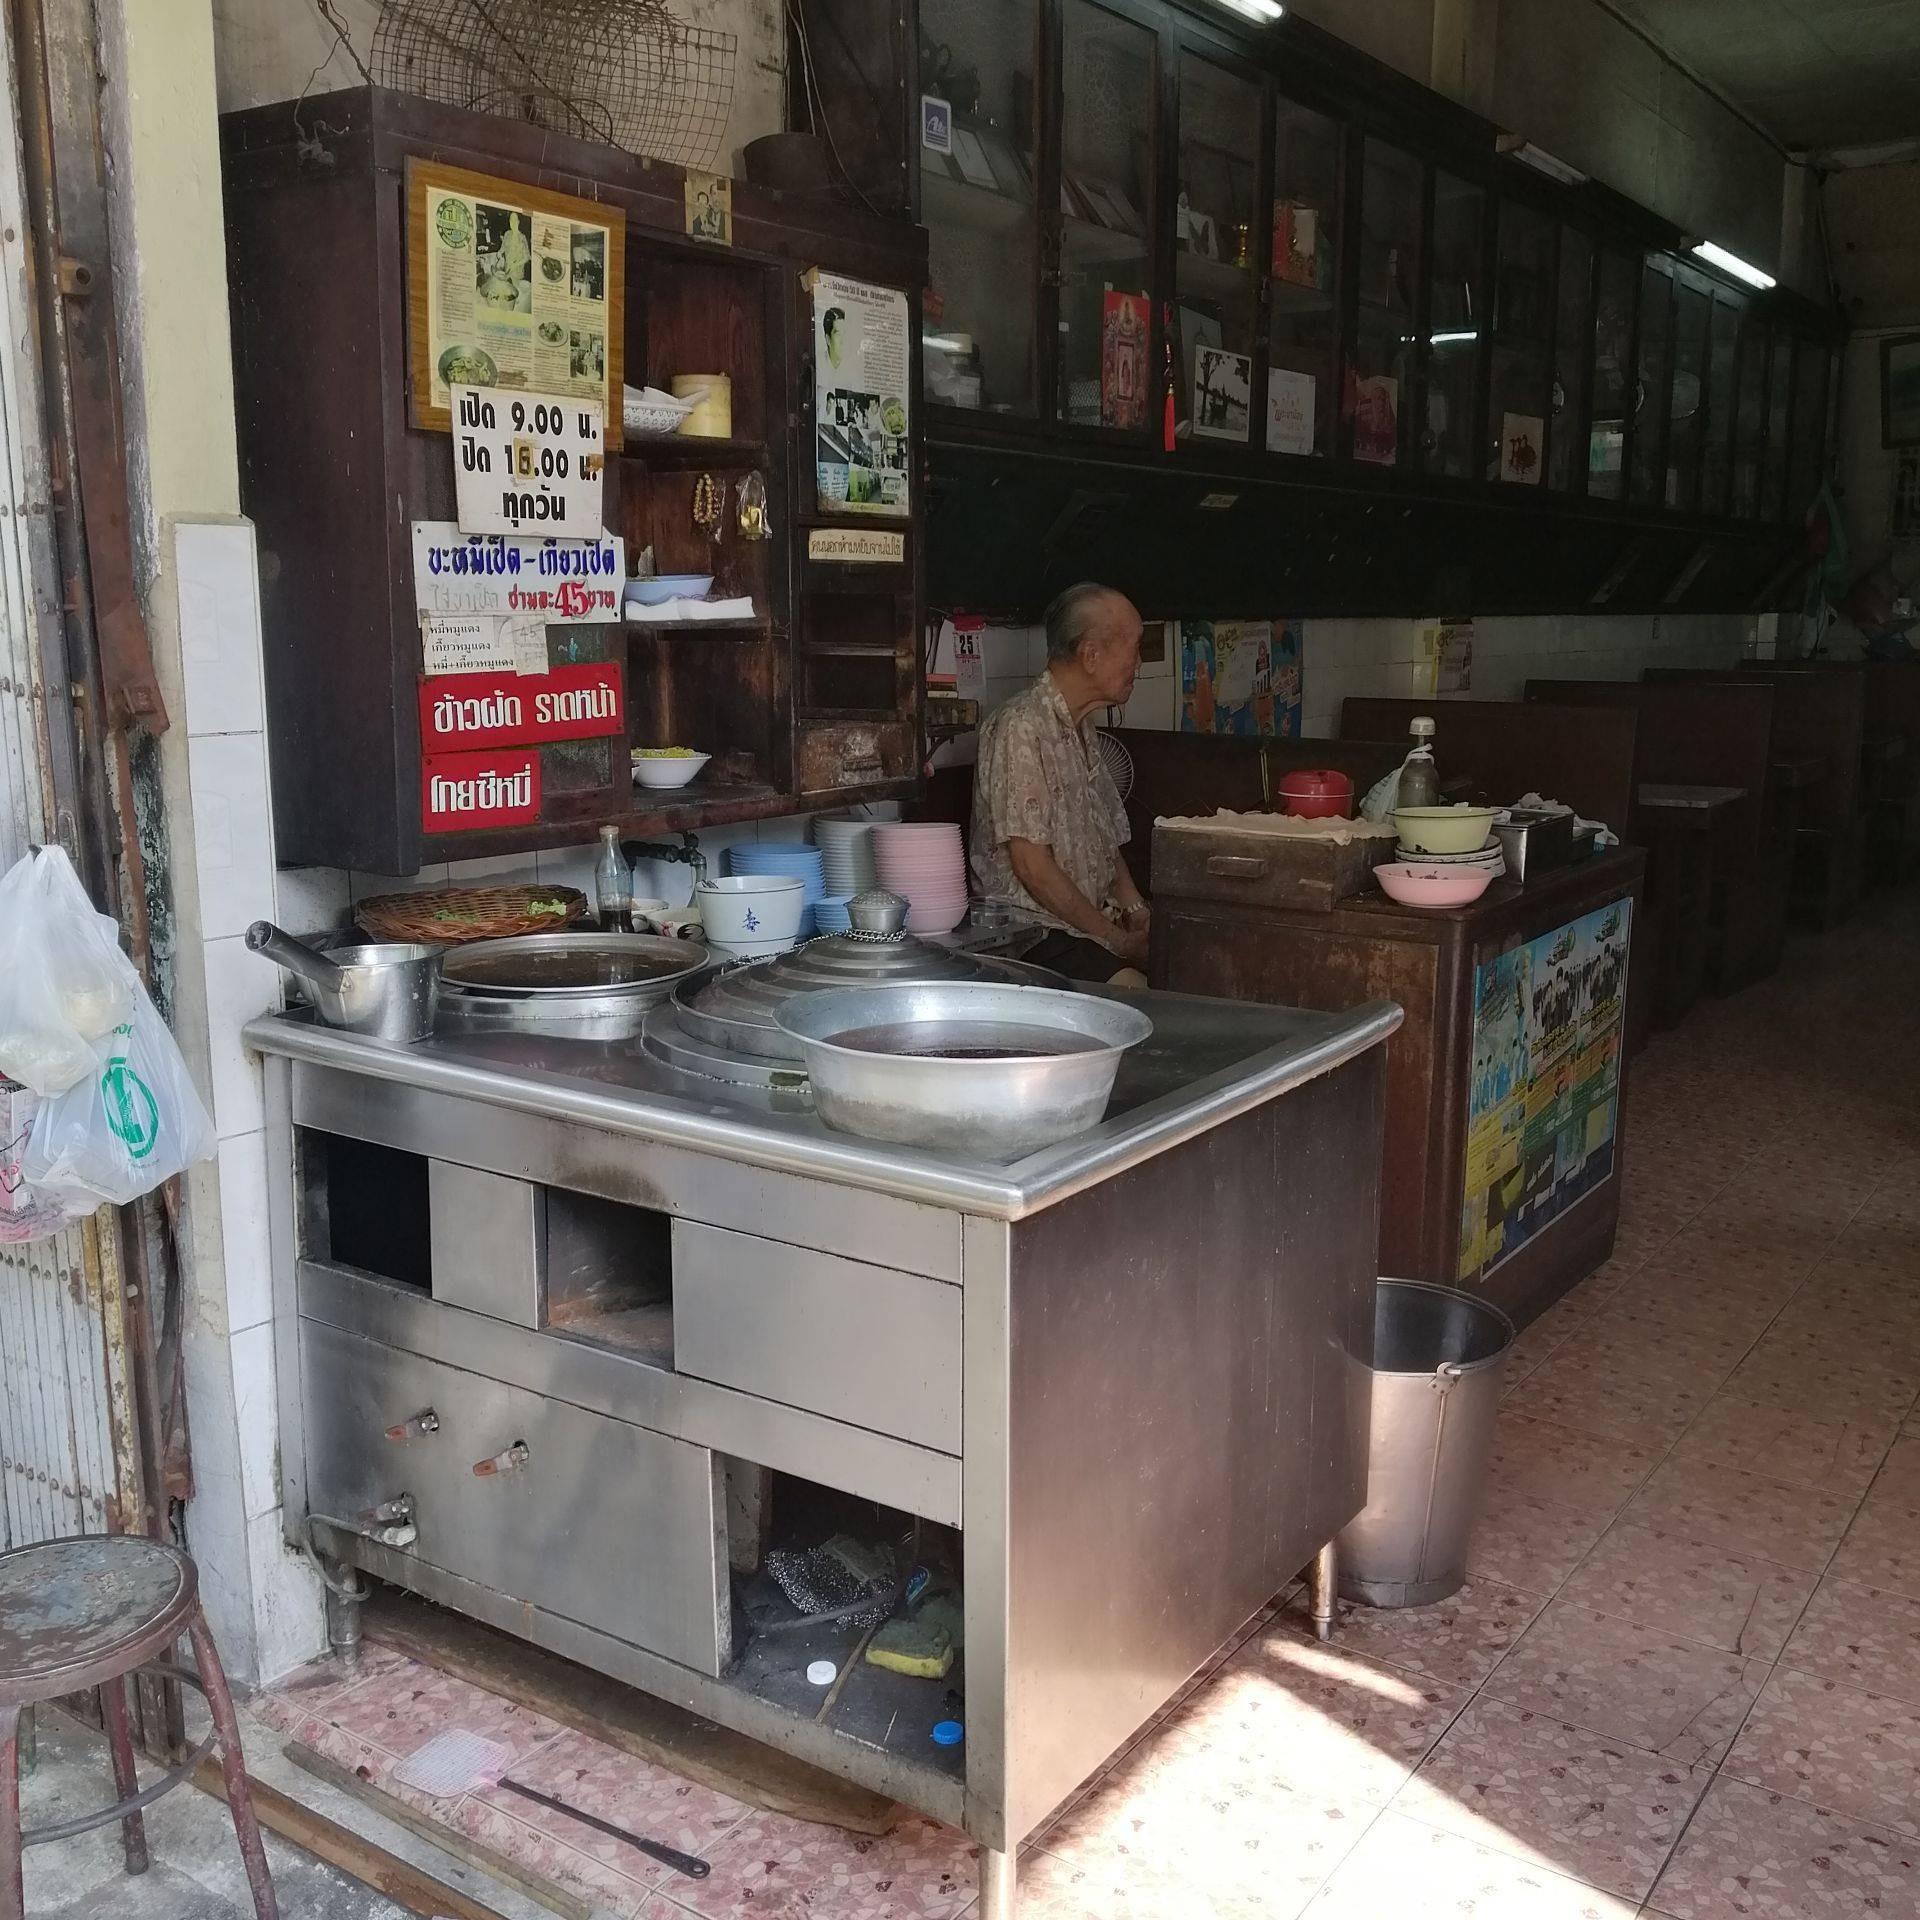 ร้านบะหมี่เกี๊ยวกวางตุ้ง จะต้องมีเตาไปหม้อลวกอยู่หน้าร้าน แบบนี้